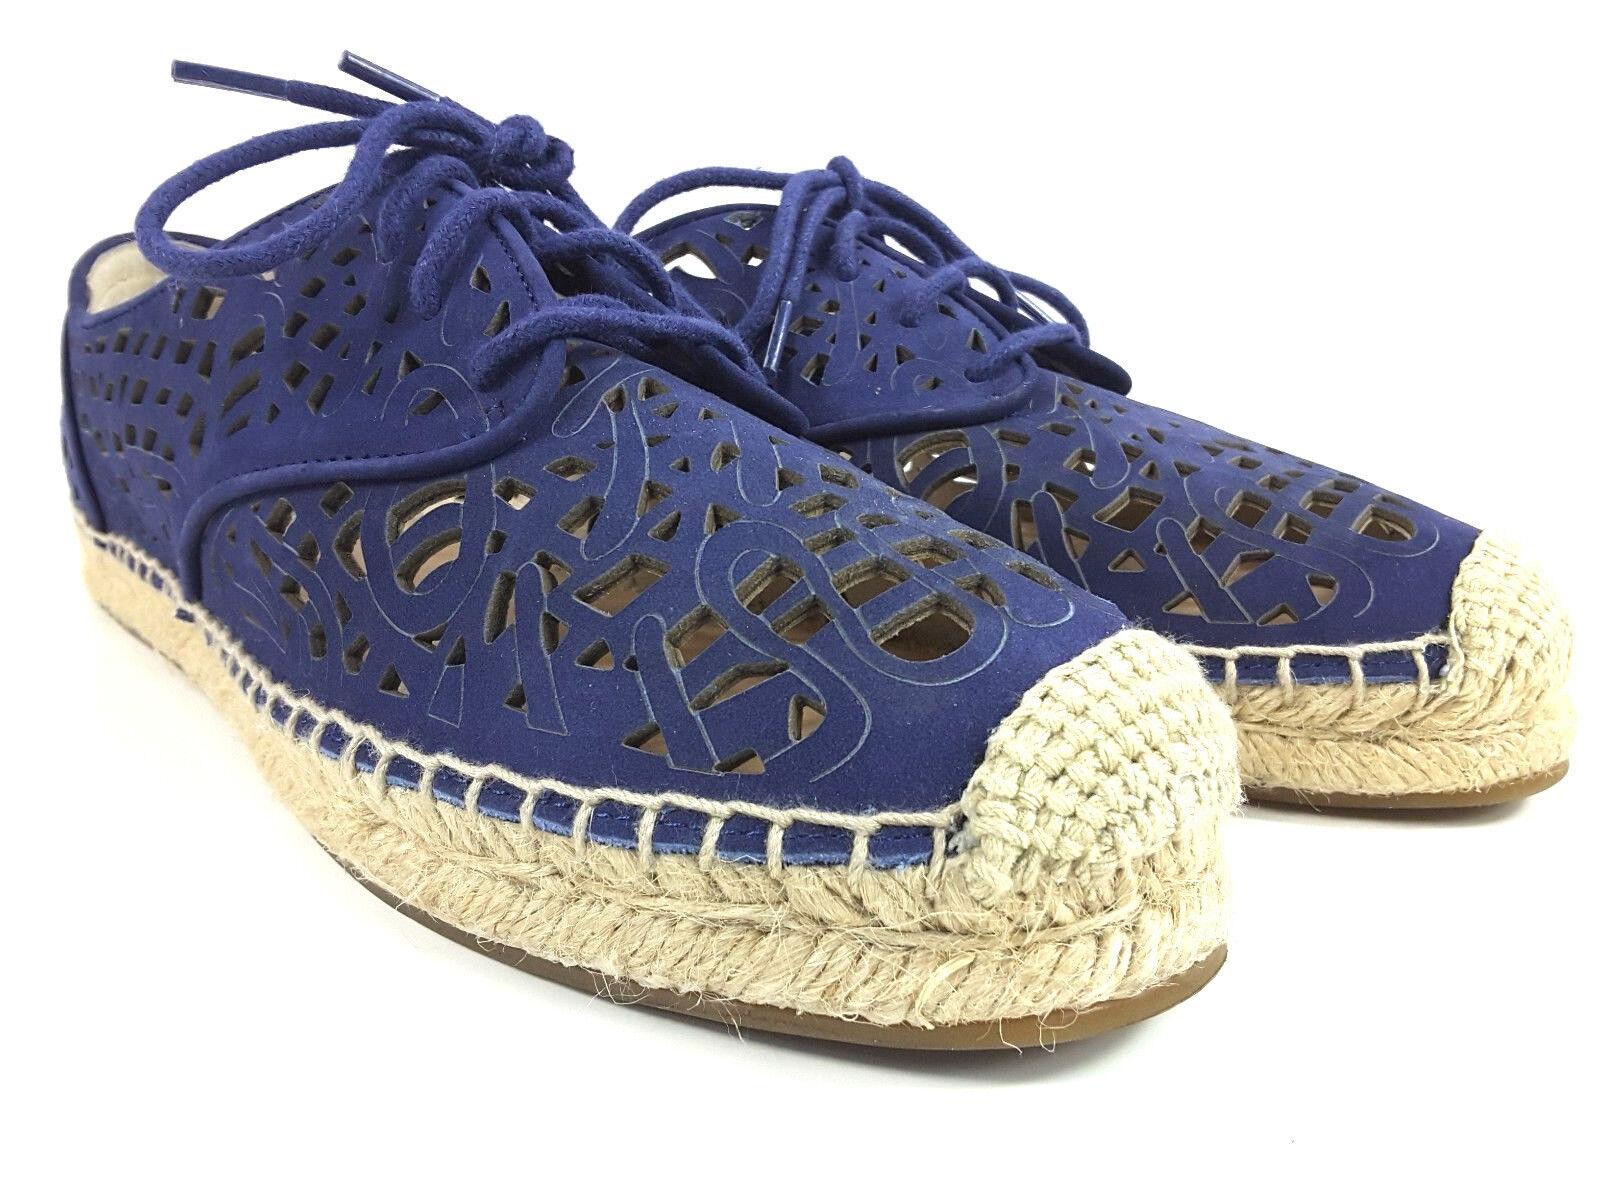 Vince Camuto Dinah Suede Lazer Cut Fashion Sneaker Espadrille Women's Sz 9 M